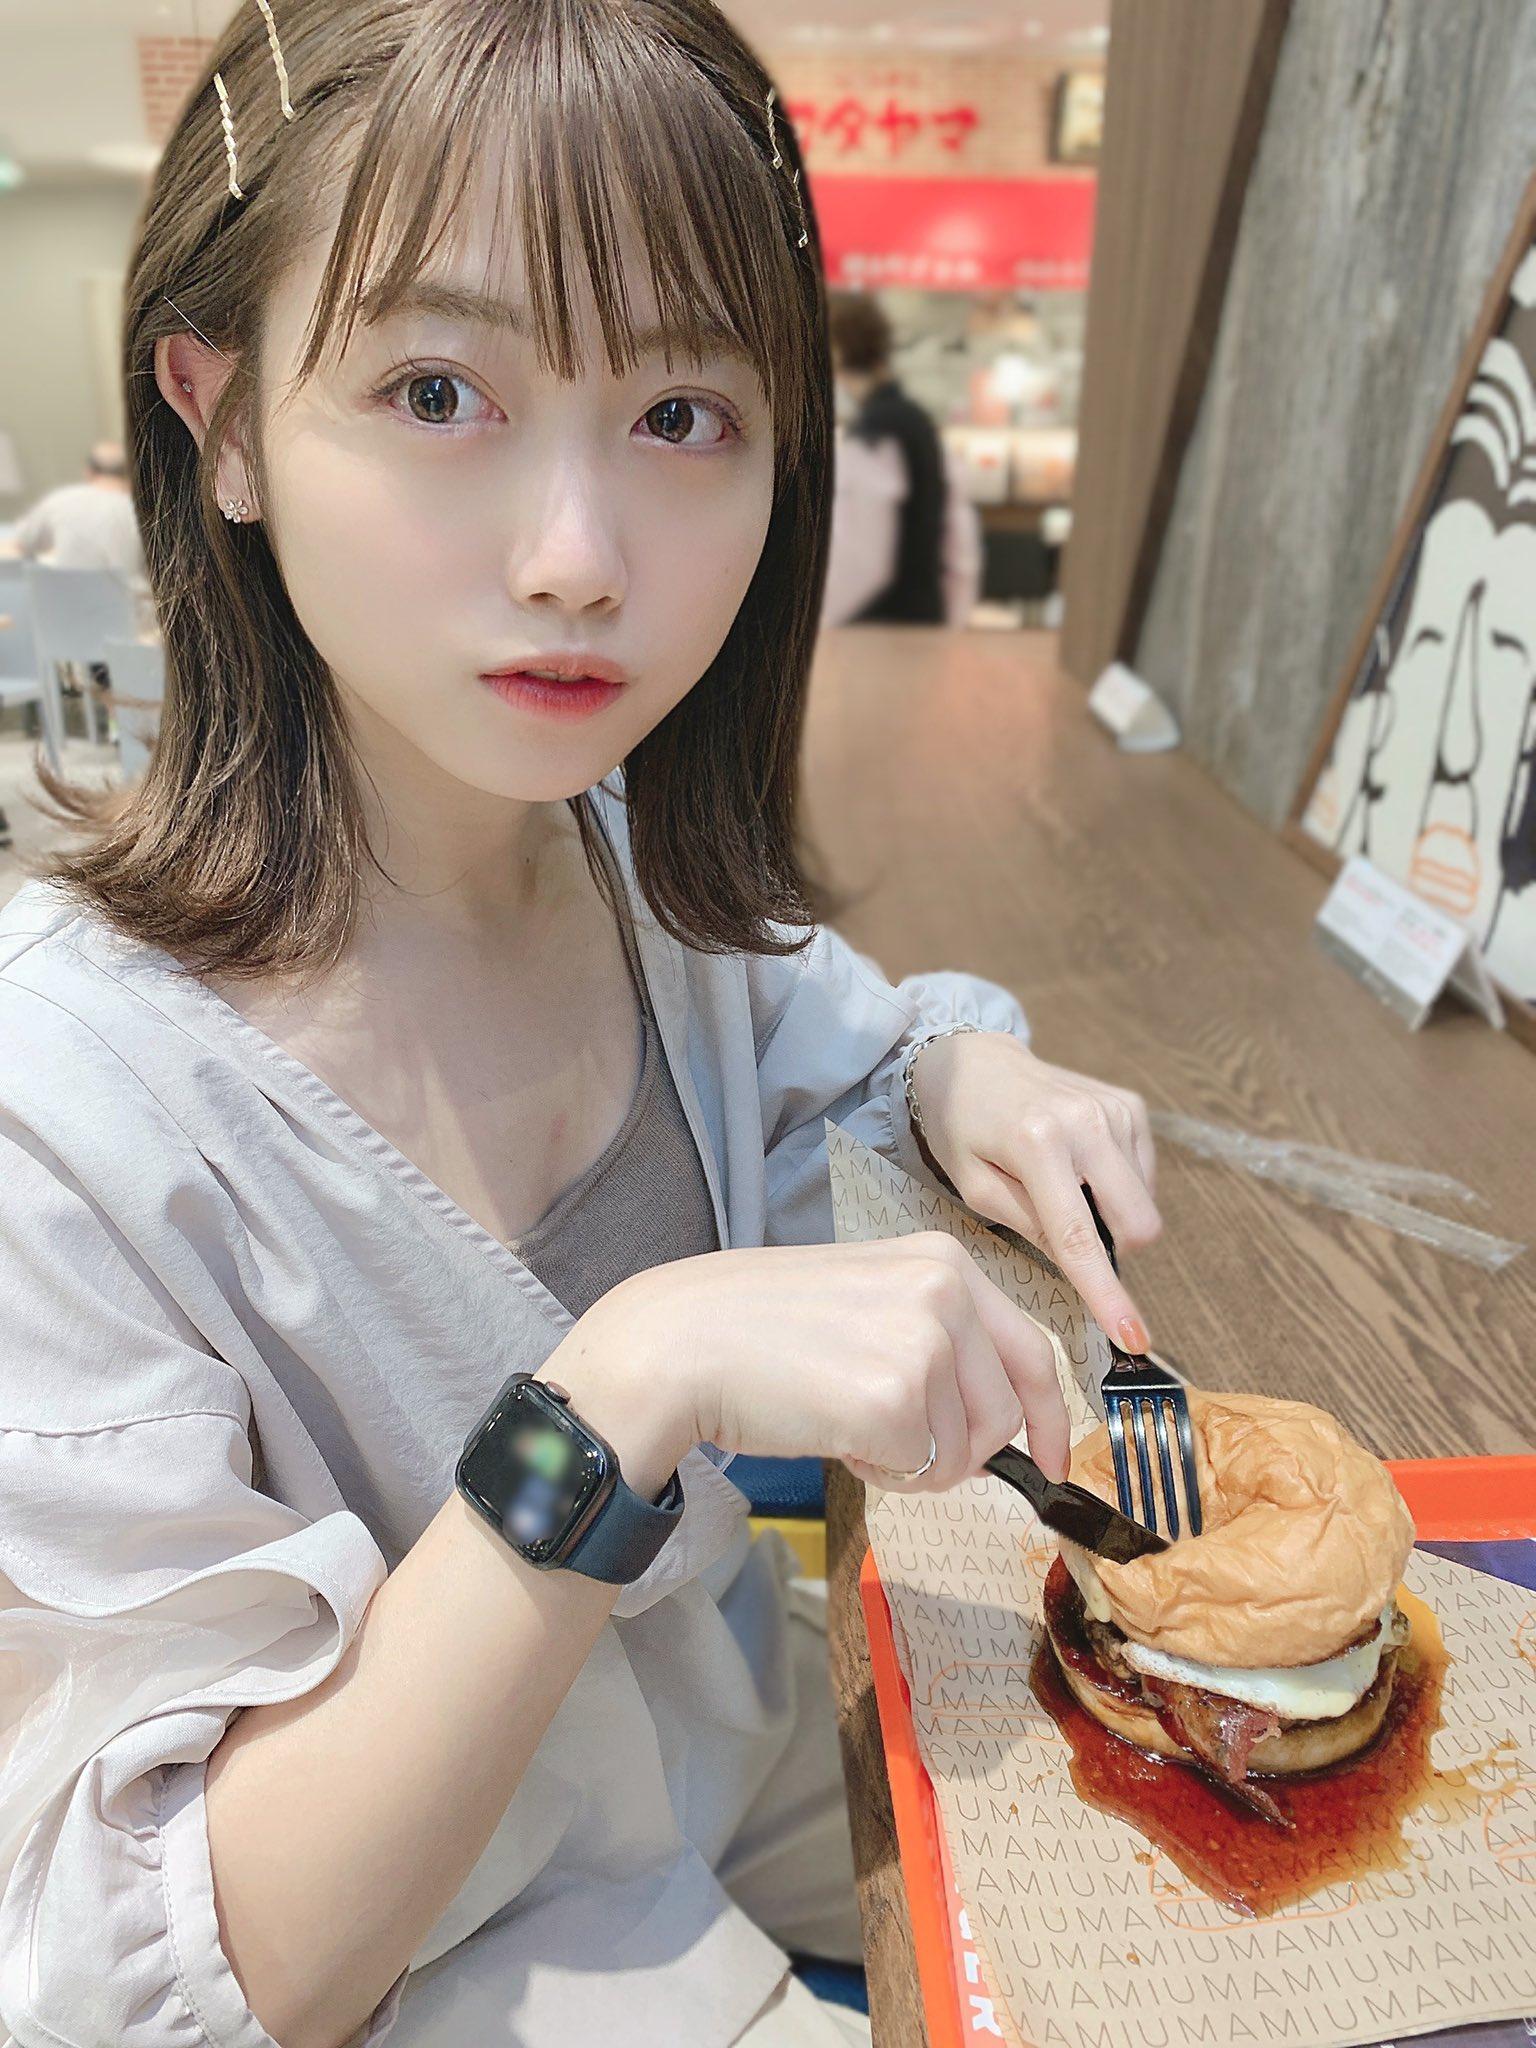 【画像】こういうあざとい飯の食い方する女ww